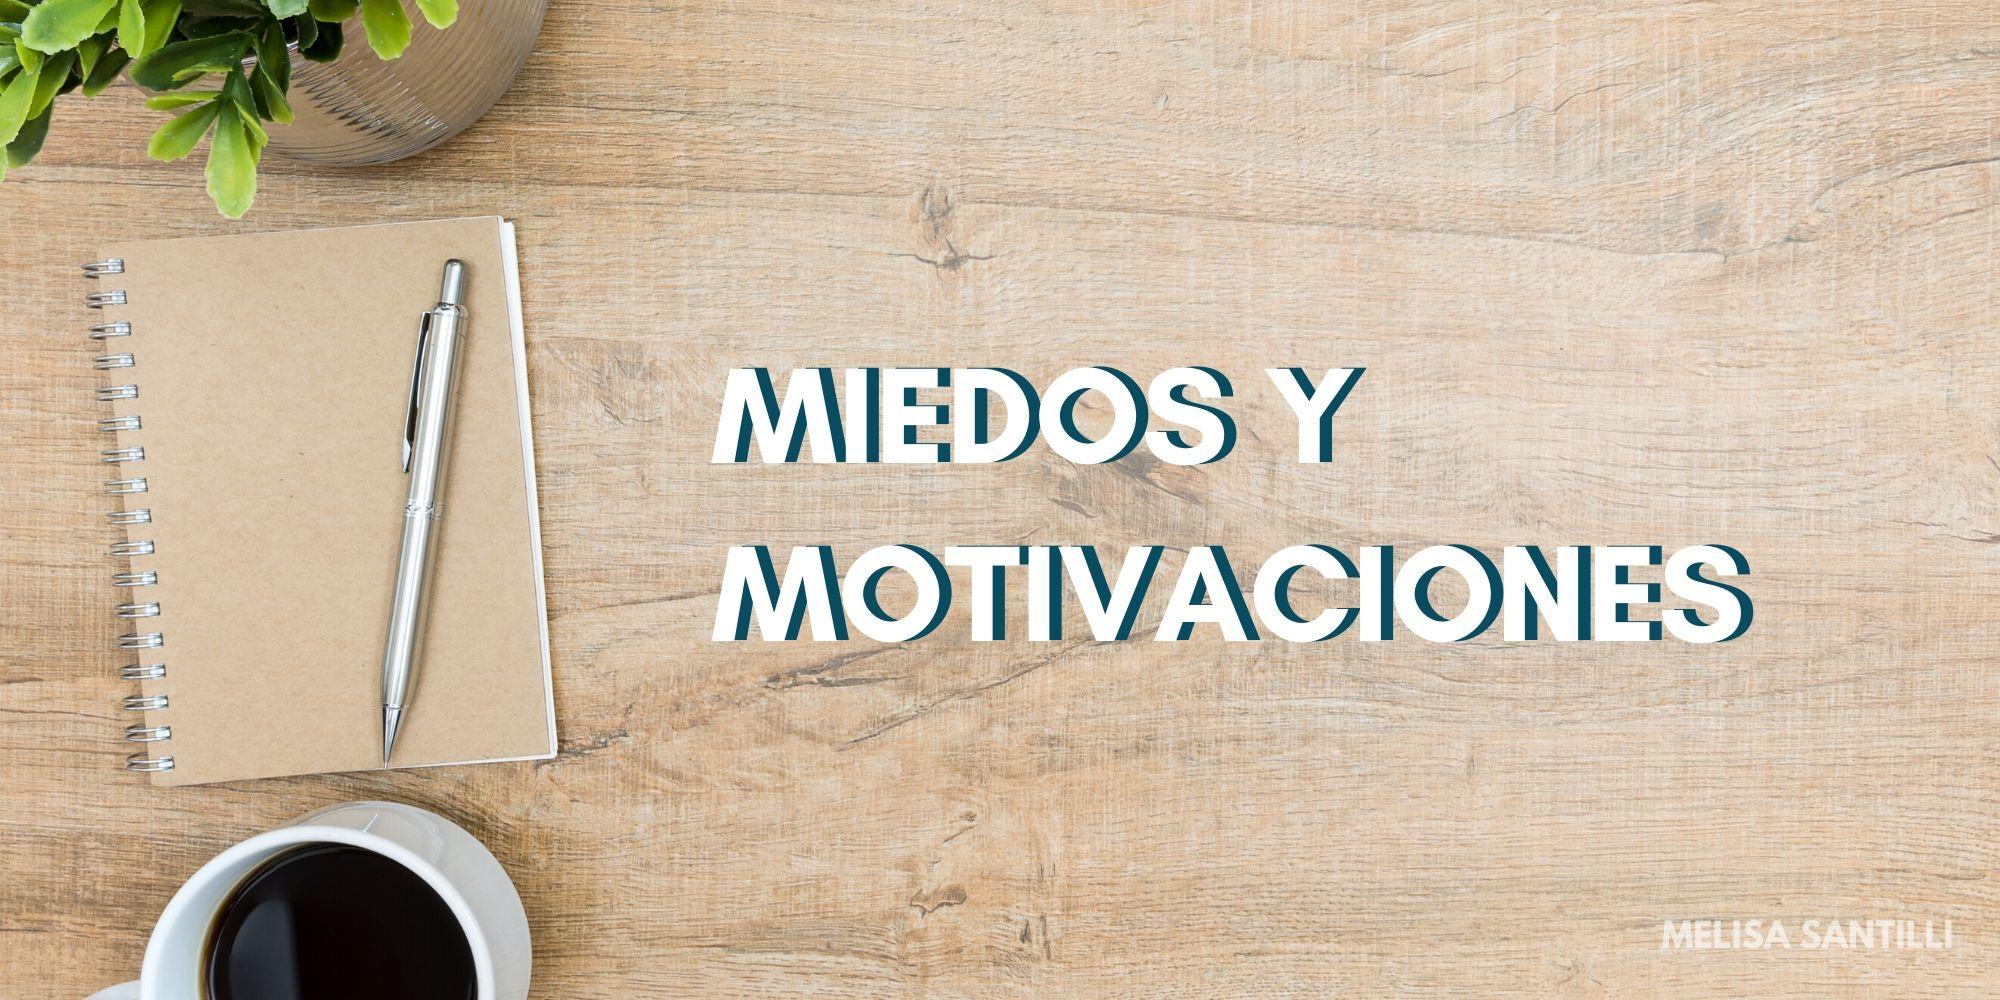 Miedos y Motivaciones - Melisa Santilli